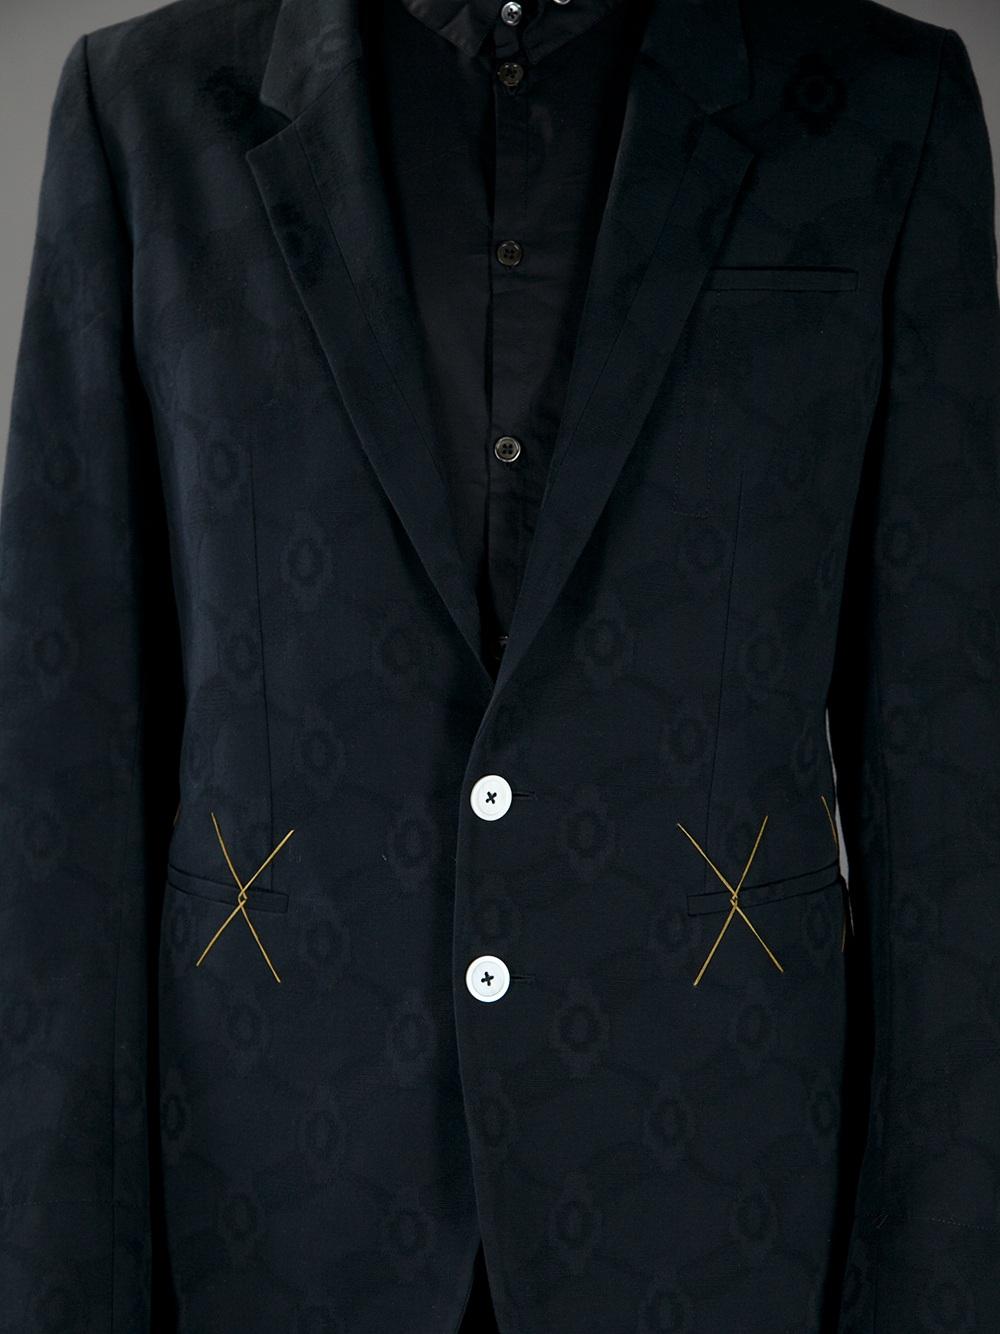 Ann Demeulemeester Appear Phantom Jacket in Black for Men